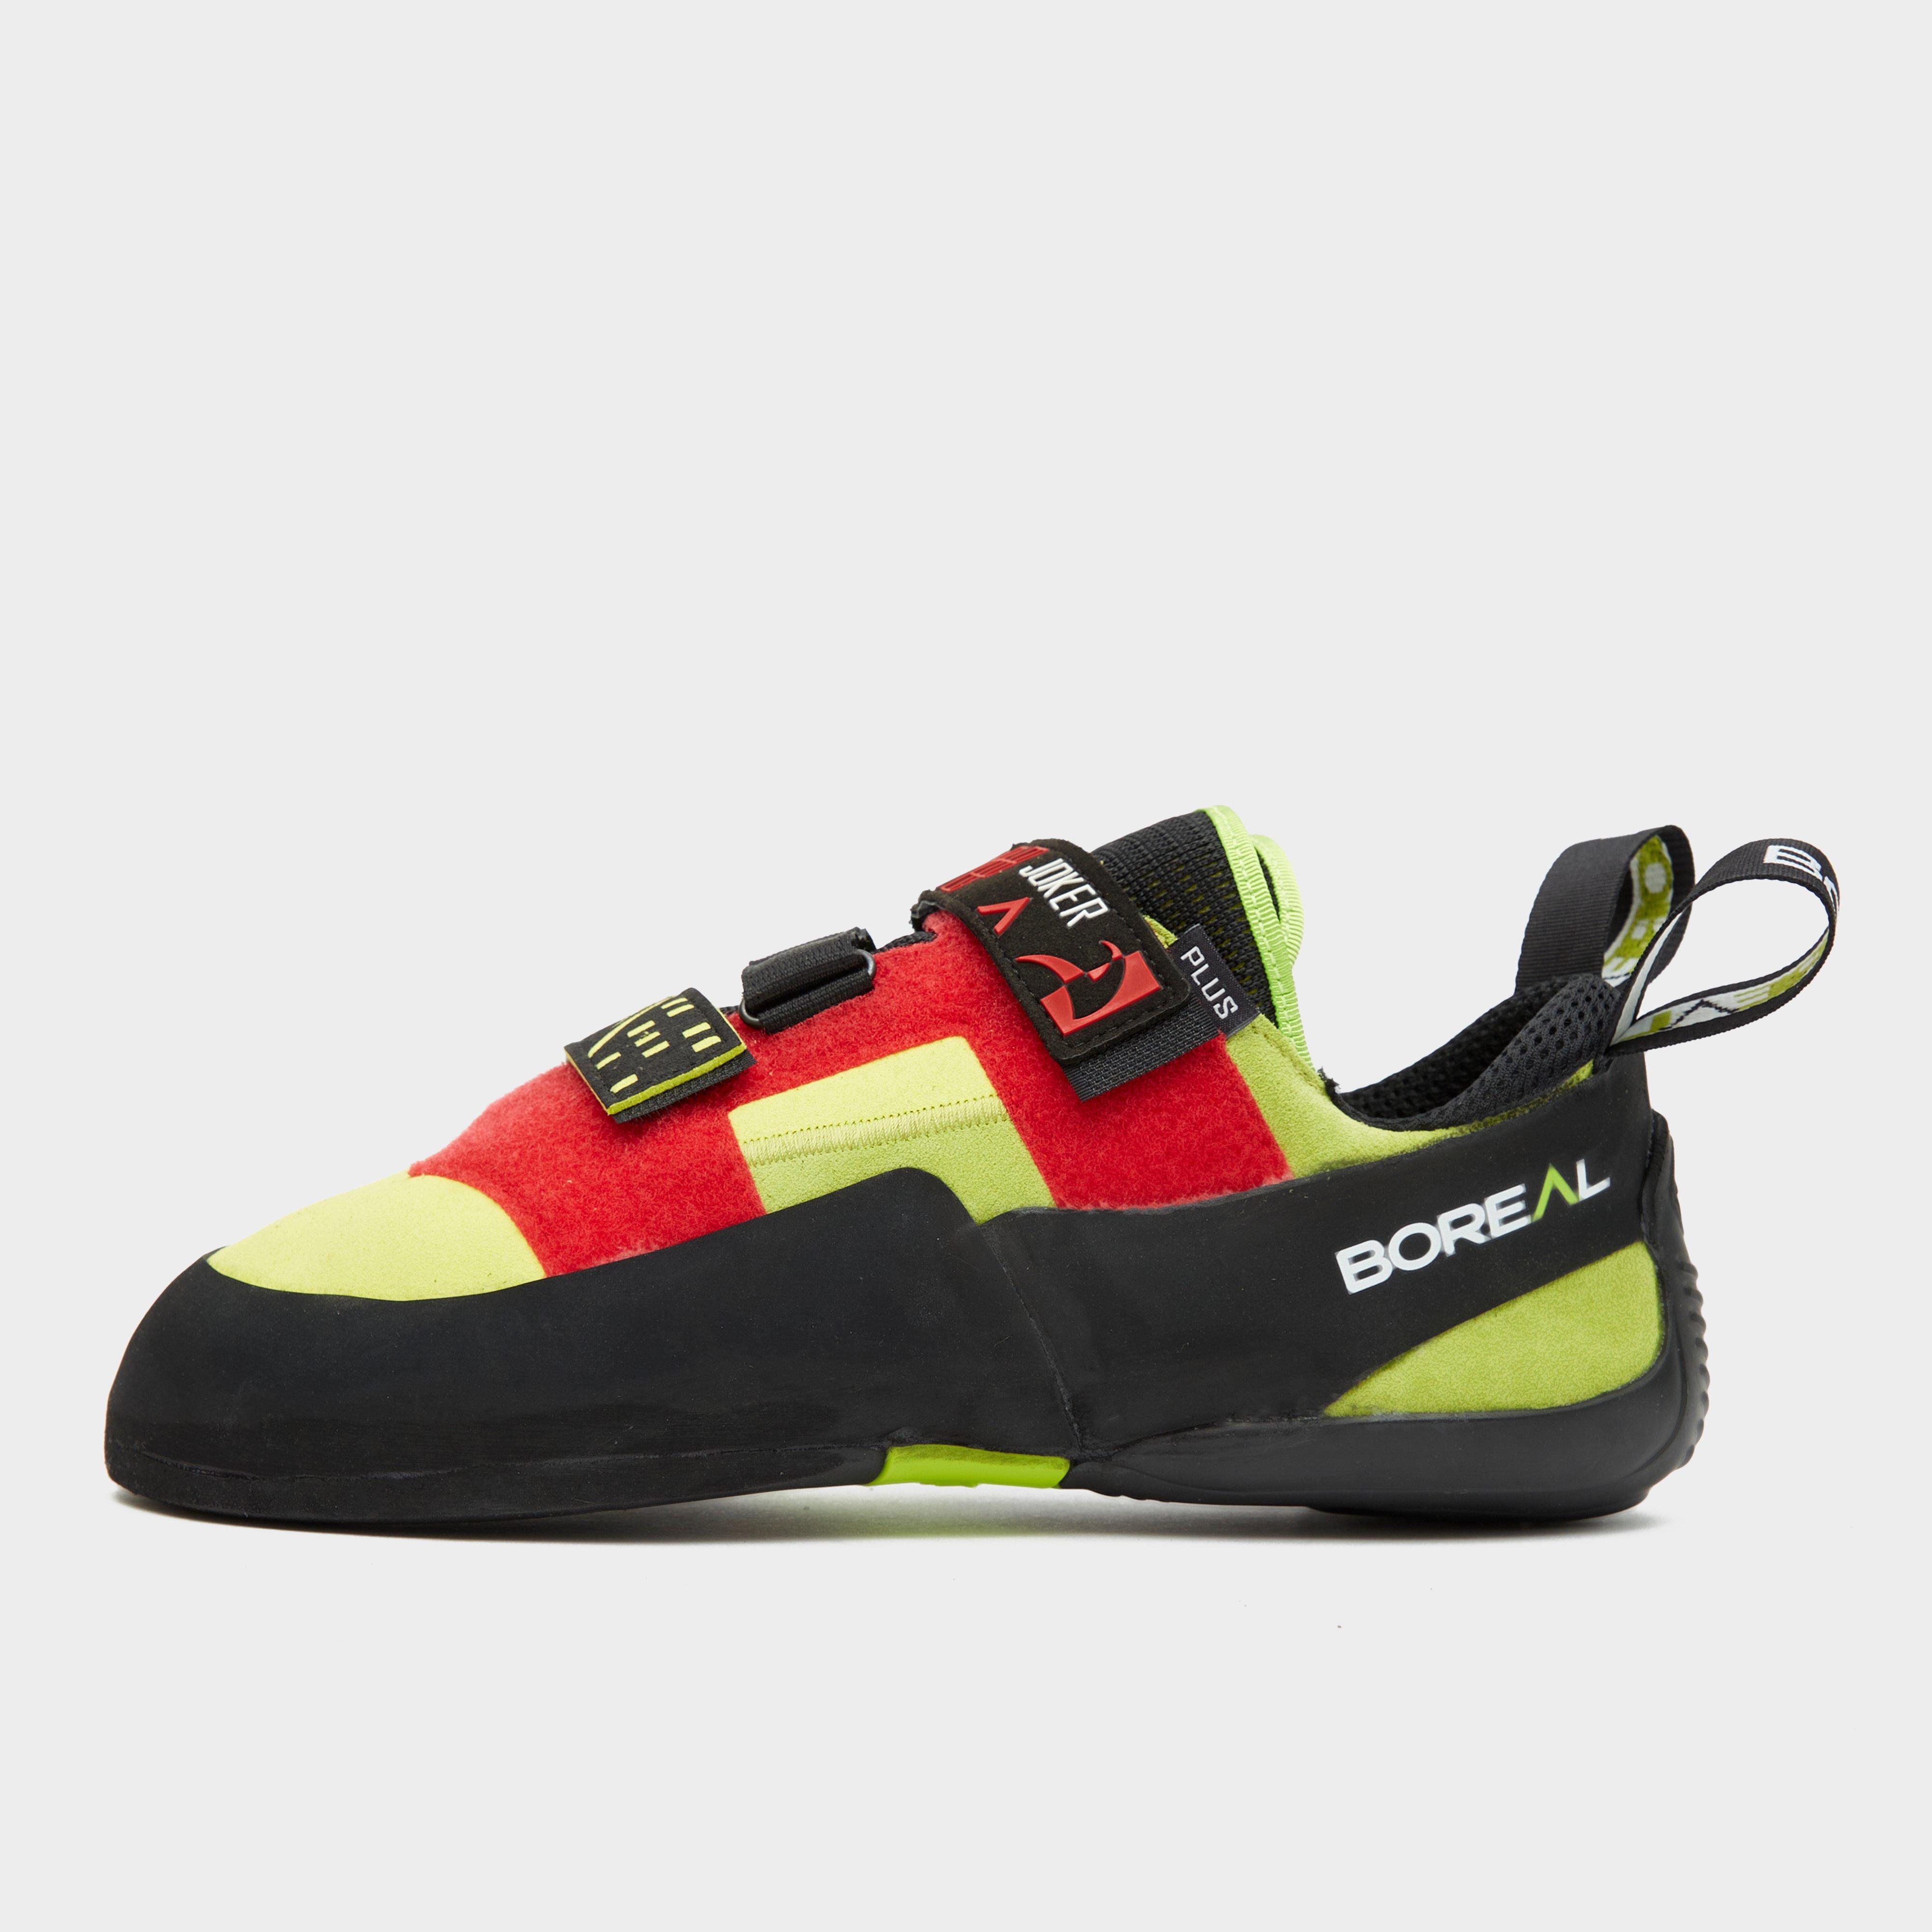 Boreal Joker Plus Men's Climbing Shoe - Multi/Plus, Multi Coloured